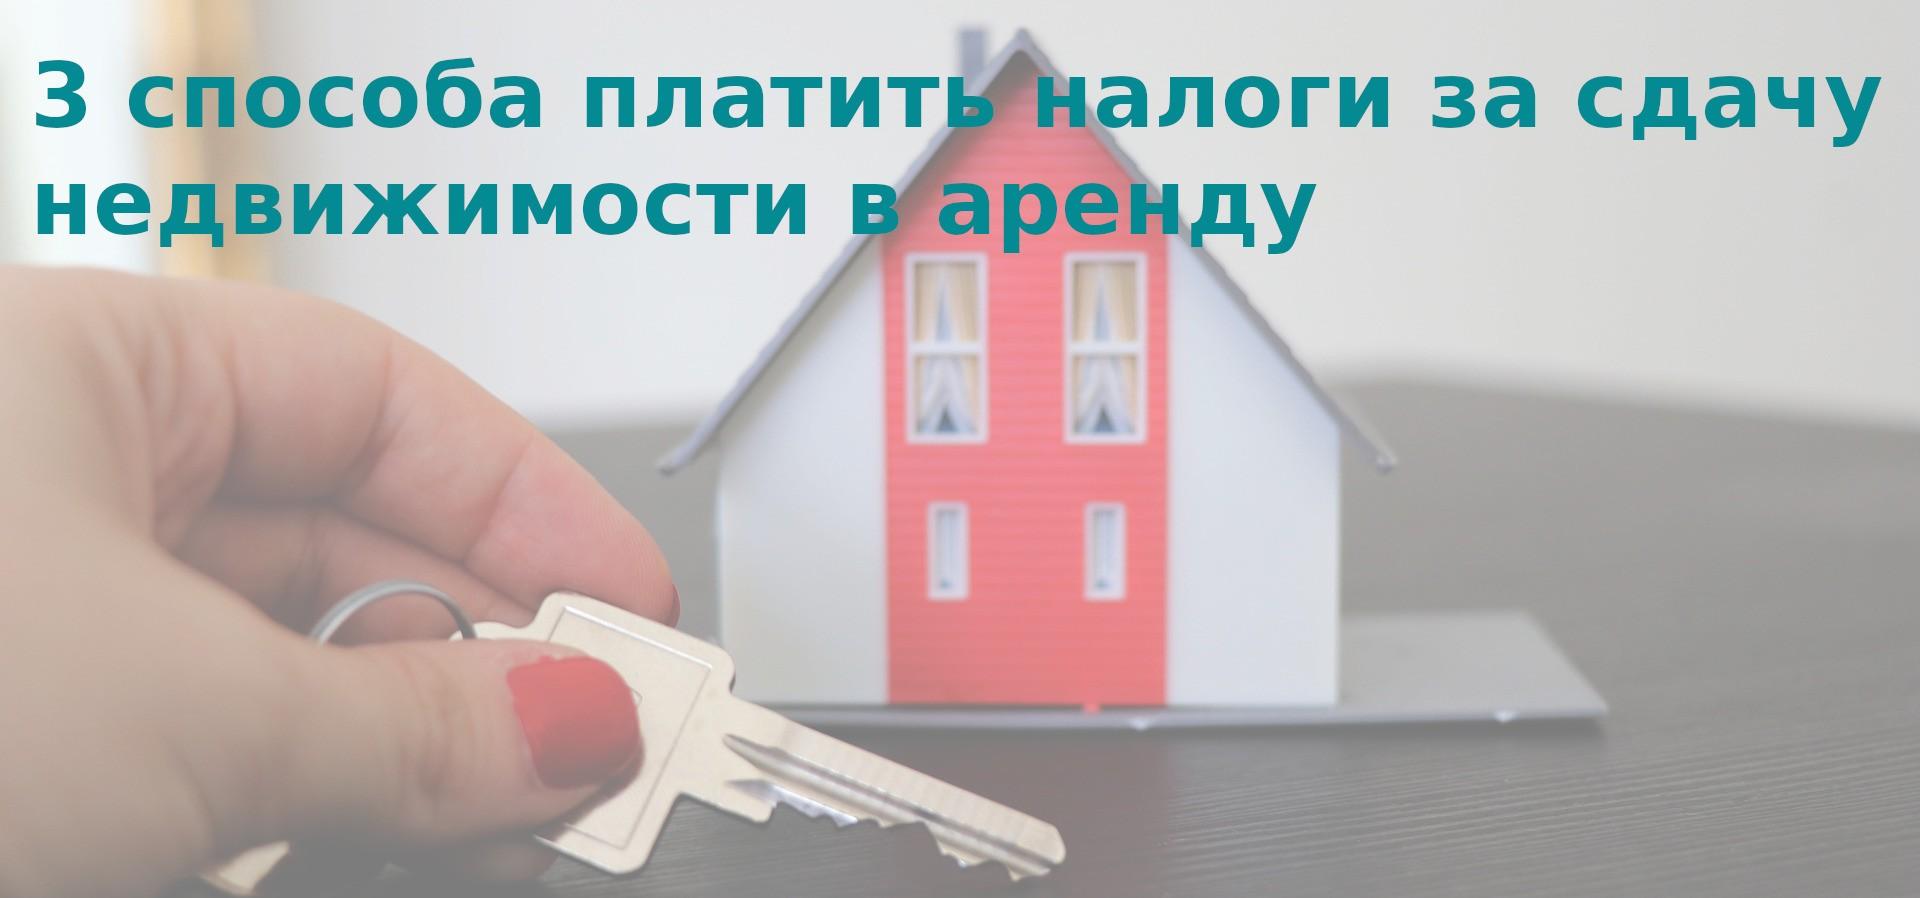 3 способа платить платить налоги за сдачу недвижимости в аренду